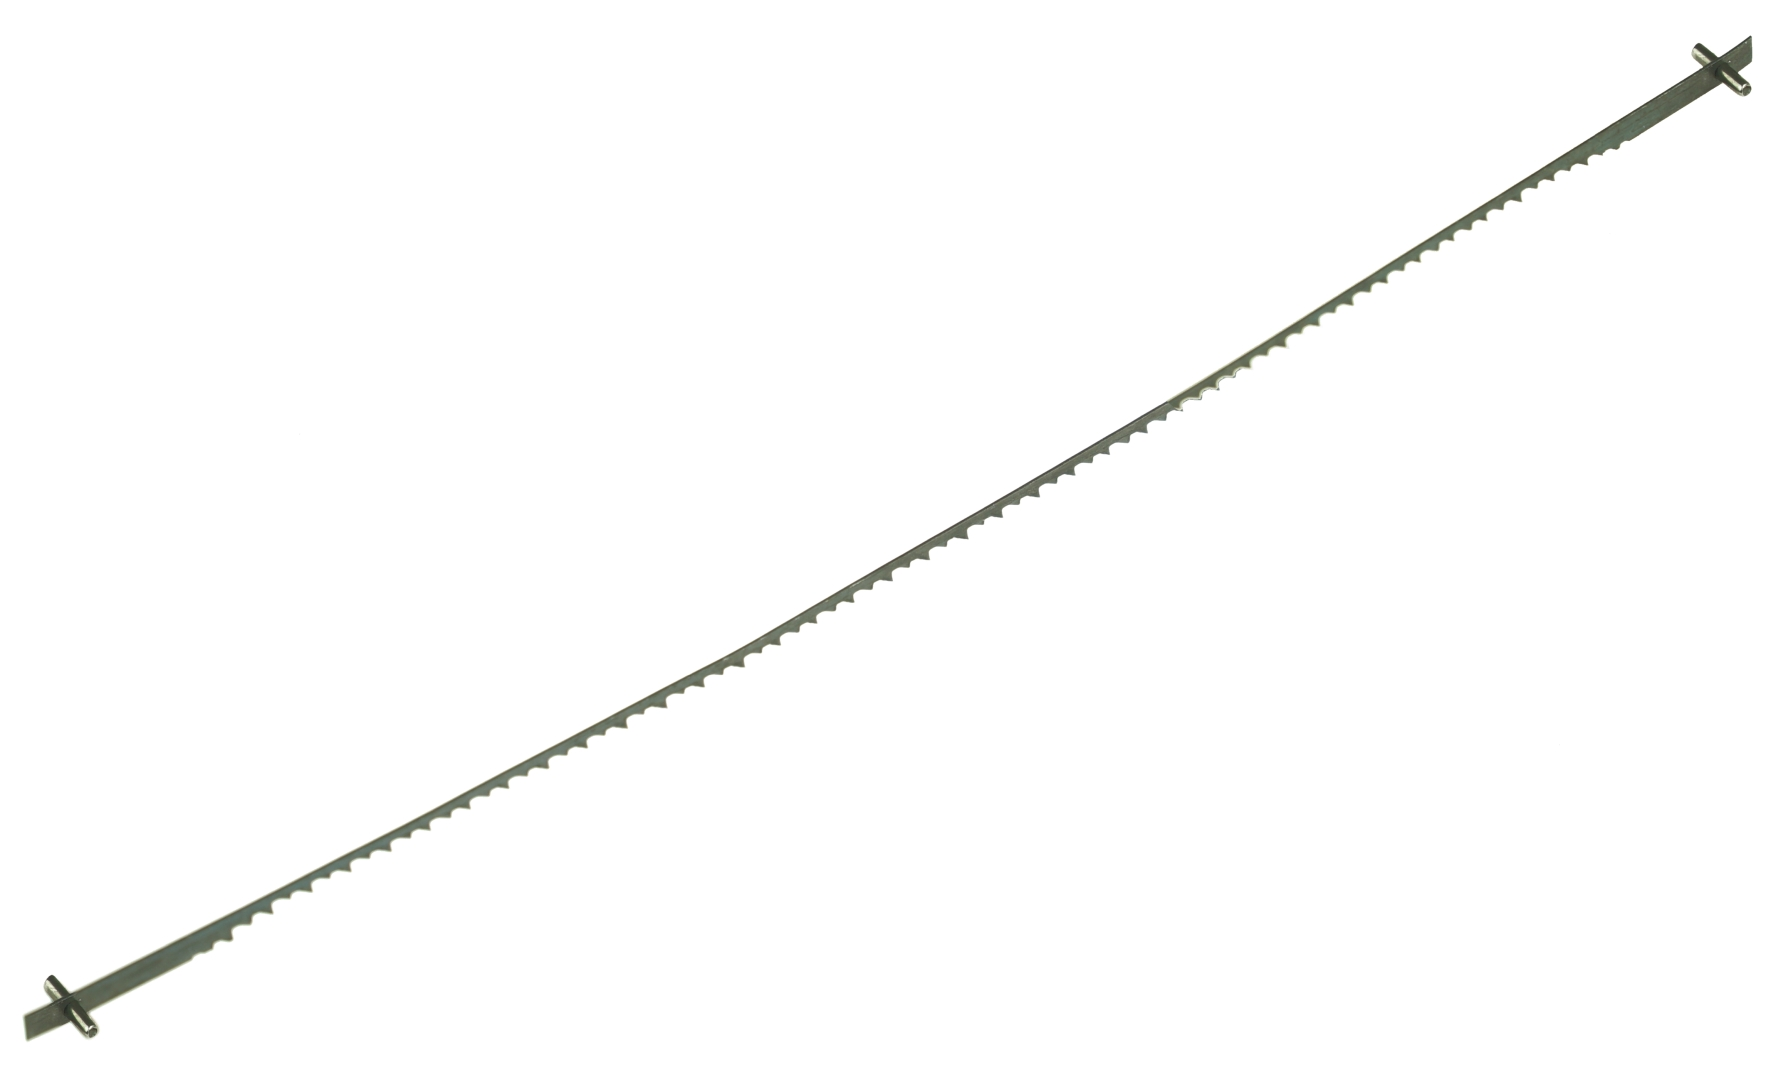 Pilový vlasový plátek na dřevo 127 mm pro DED7762, balení 5 ks